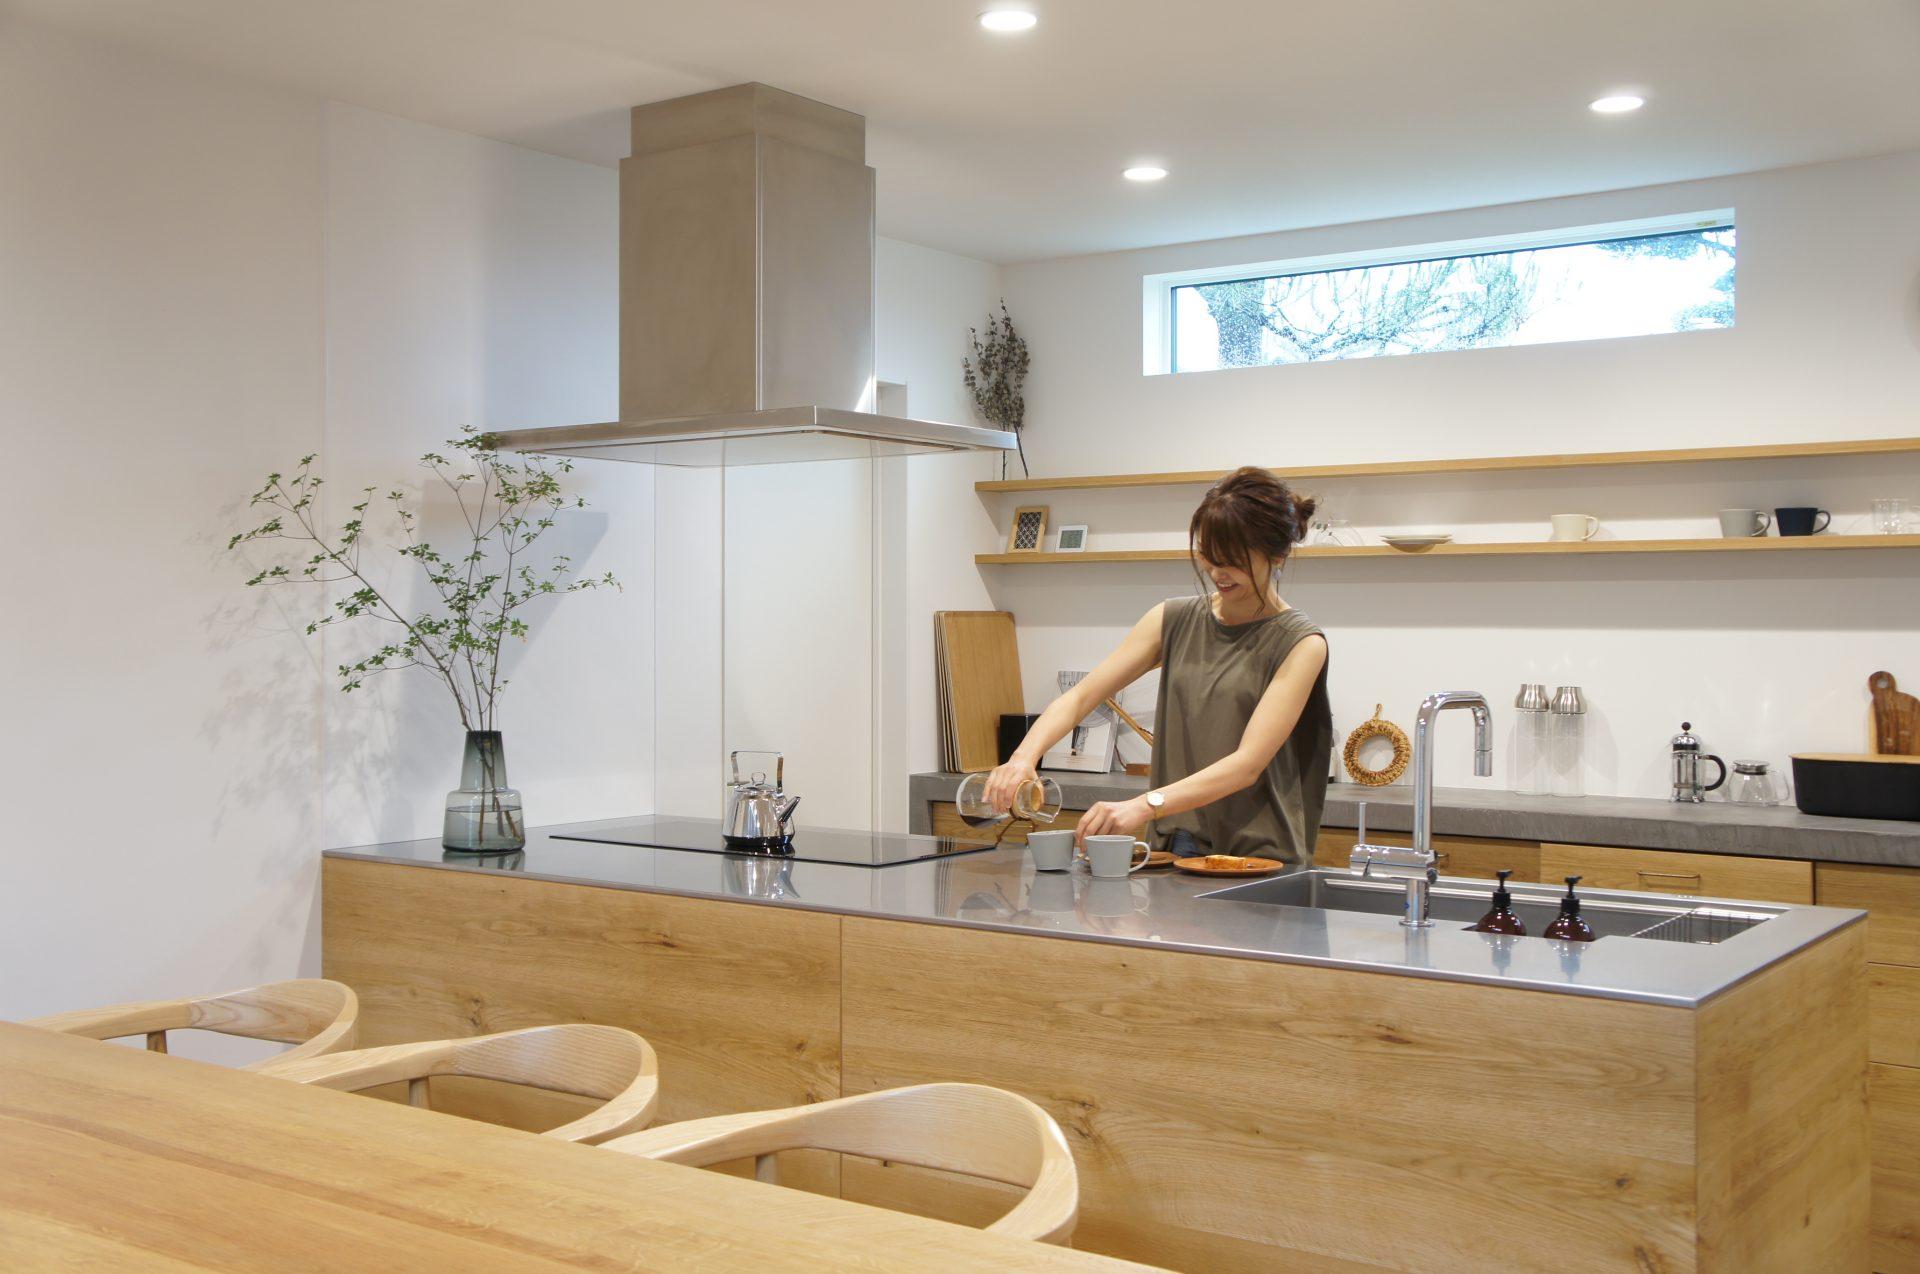 日々の家事を助けるアイデアが詰まった、スクエア型のペニンシュラキッチン